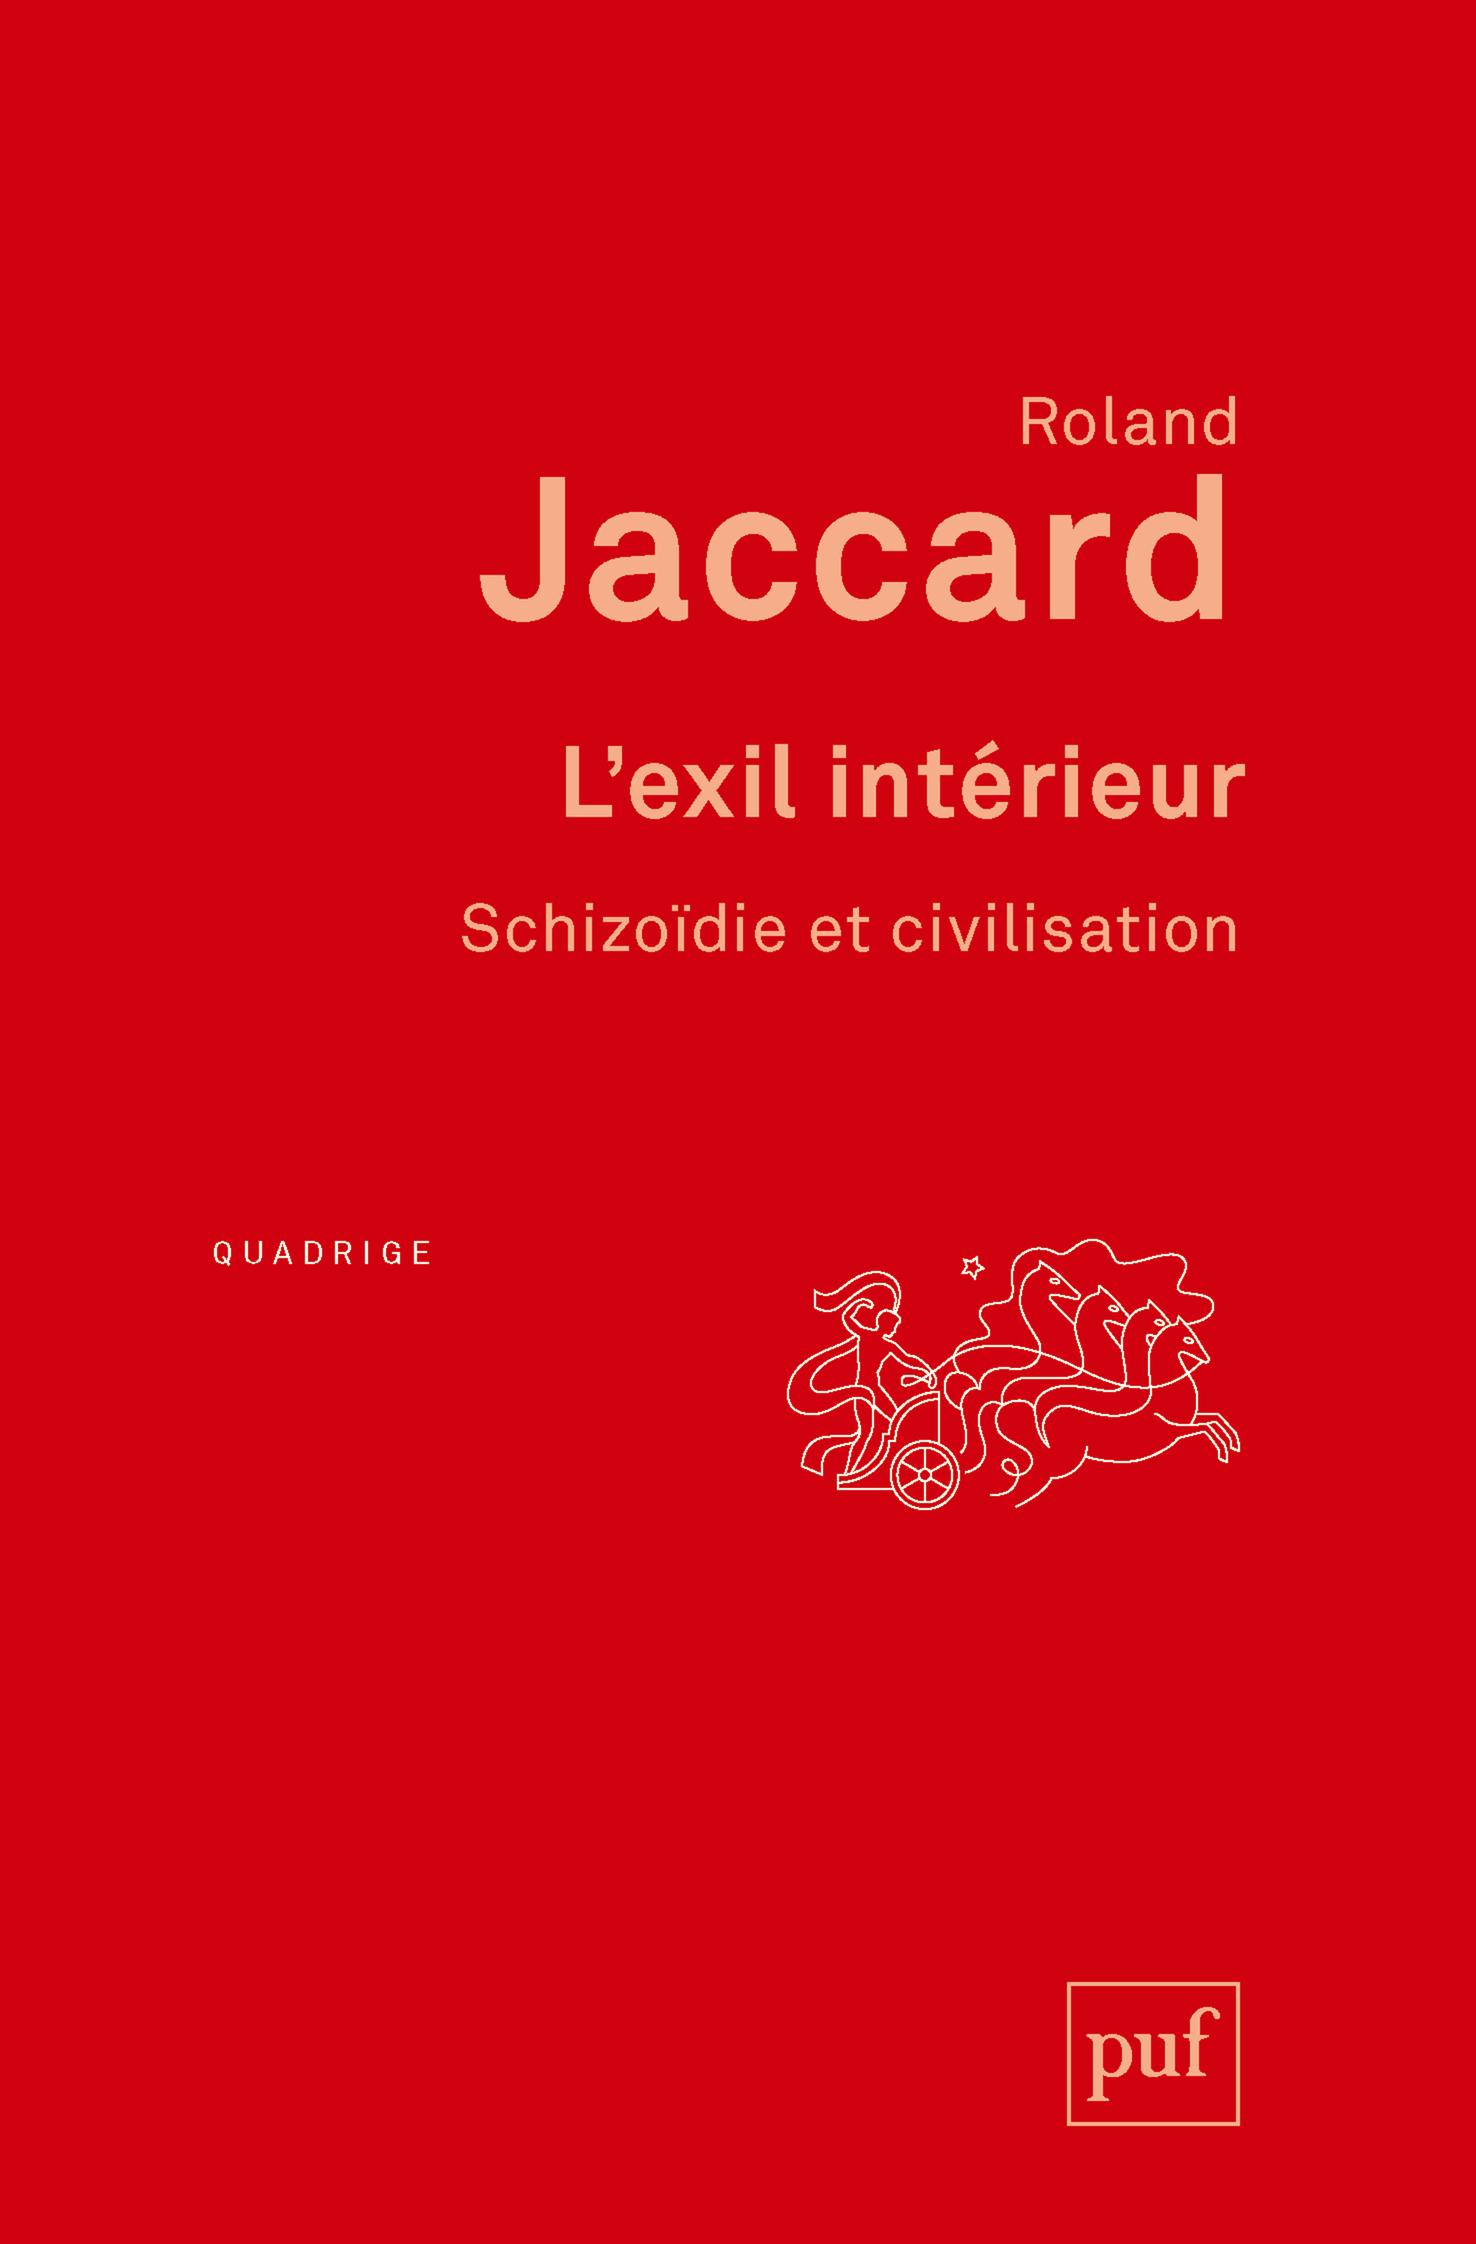 L'EXIL INTERIEUR - SCHIZOIDIE ET CIVILISATION